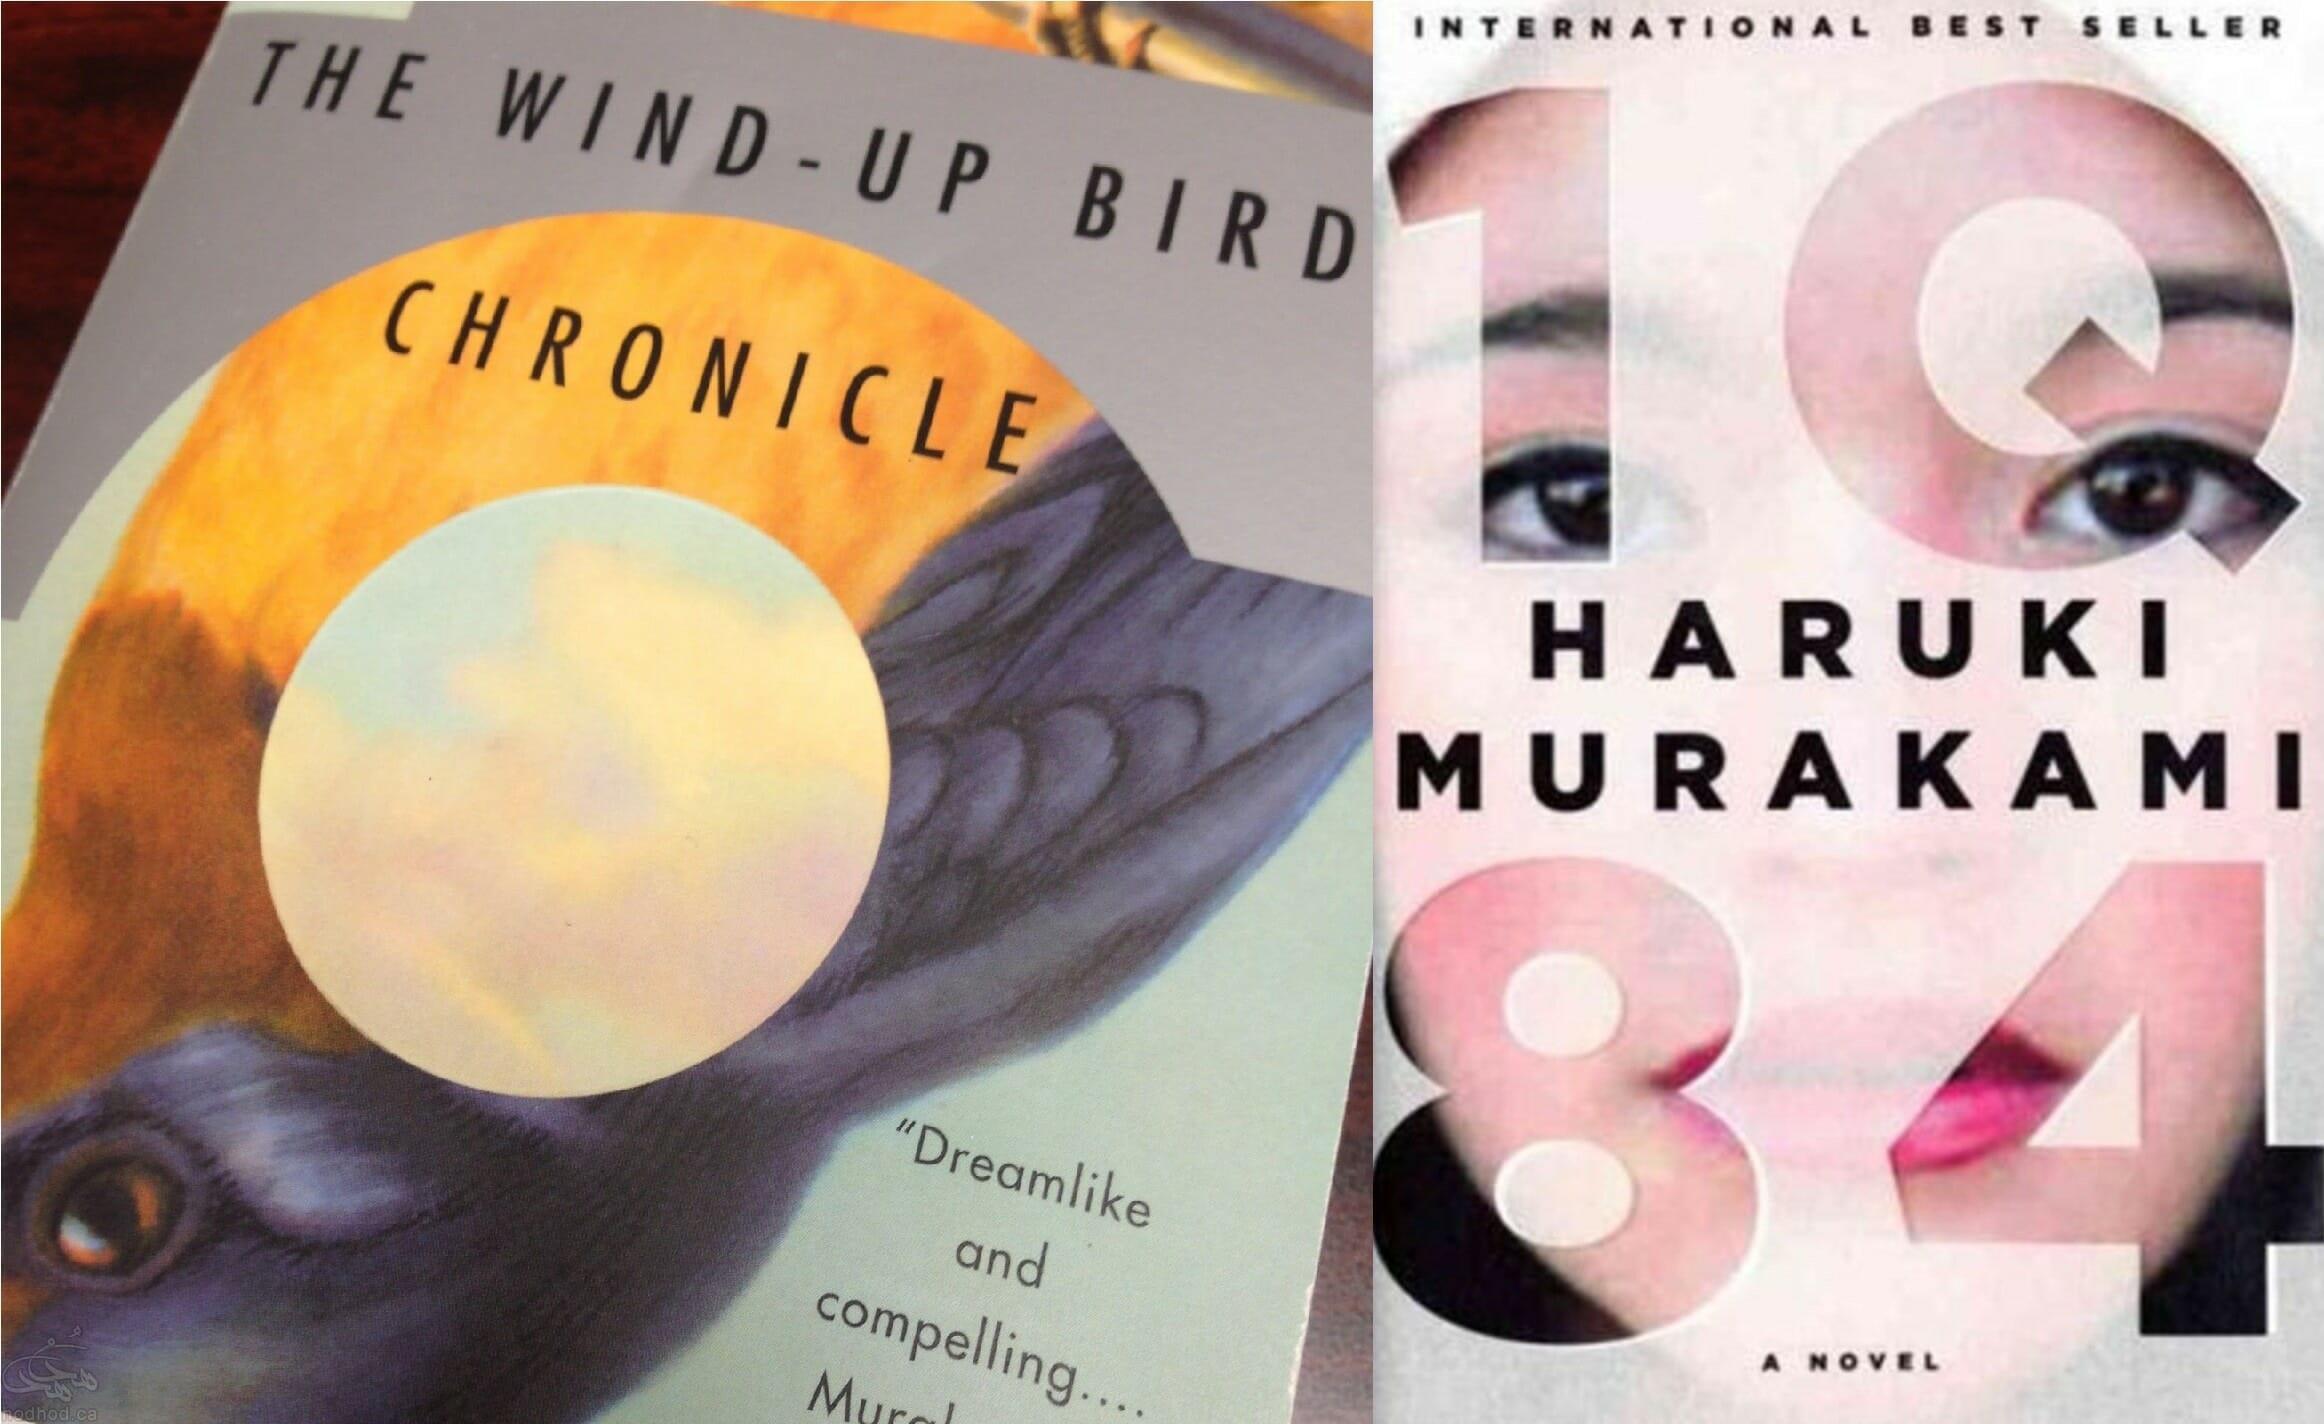 معرفی کتاب: دو اثر ناب از هاروکی موراکامی نویسنده مشهور ژاپنی: 1Q84 و سرگذشت پرنده کوکی